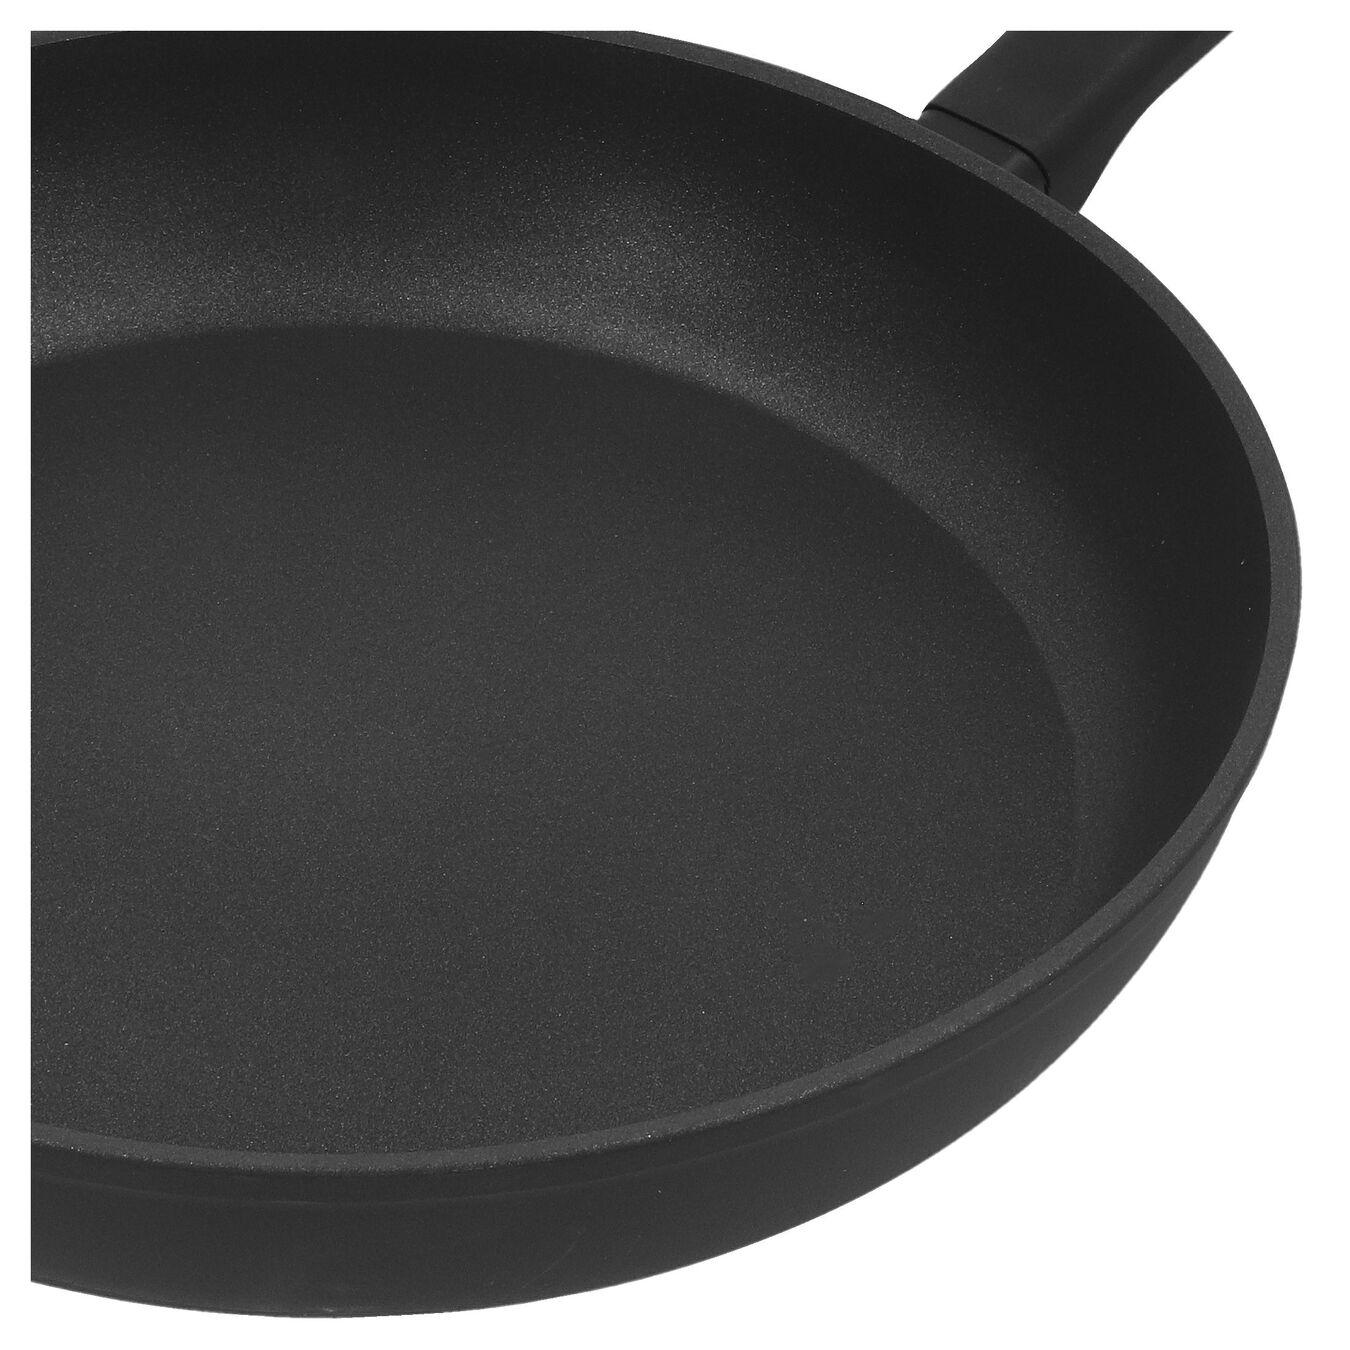 Koekenpan Zwart 28 cm,,large 3